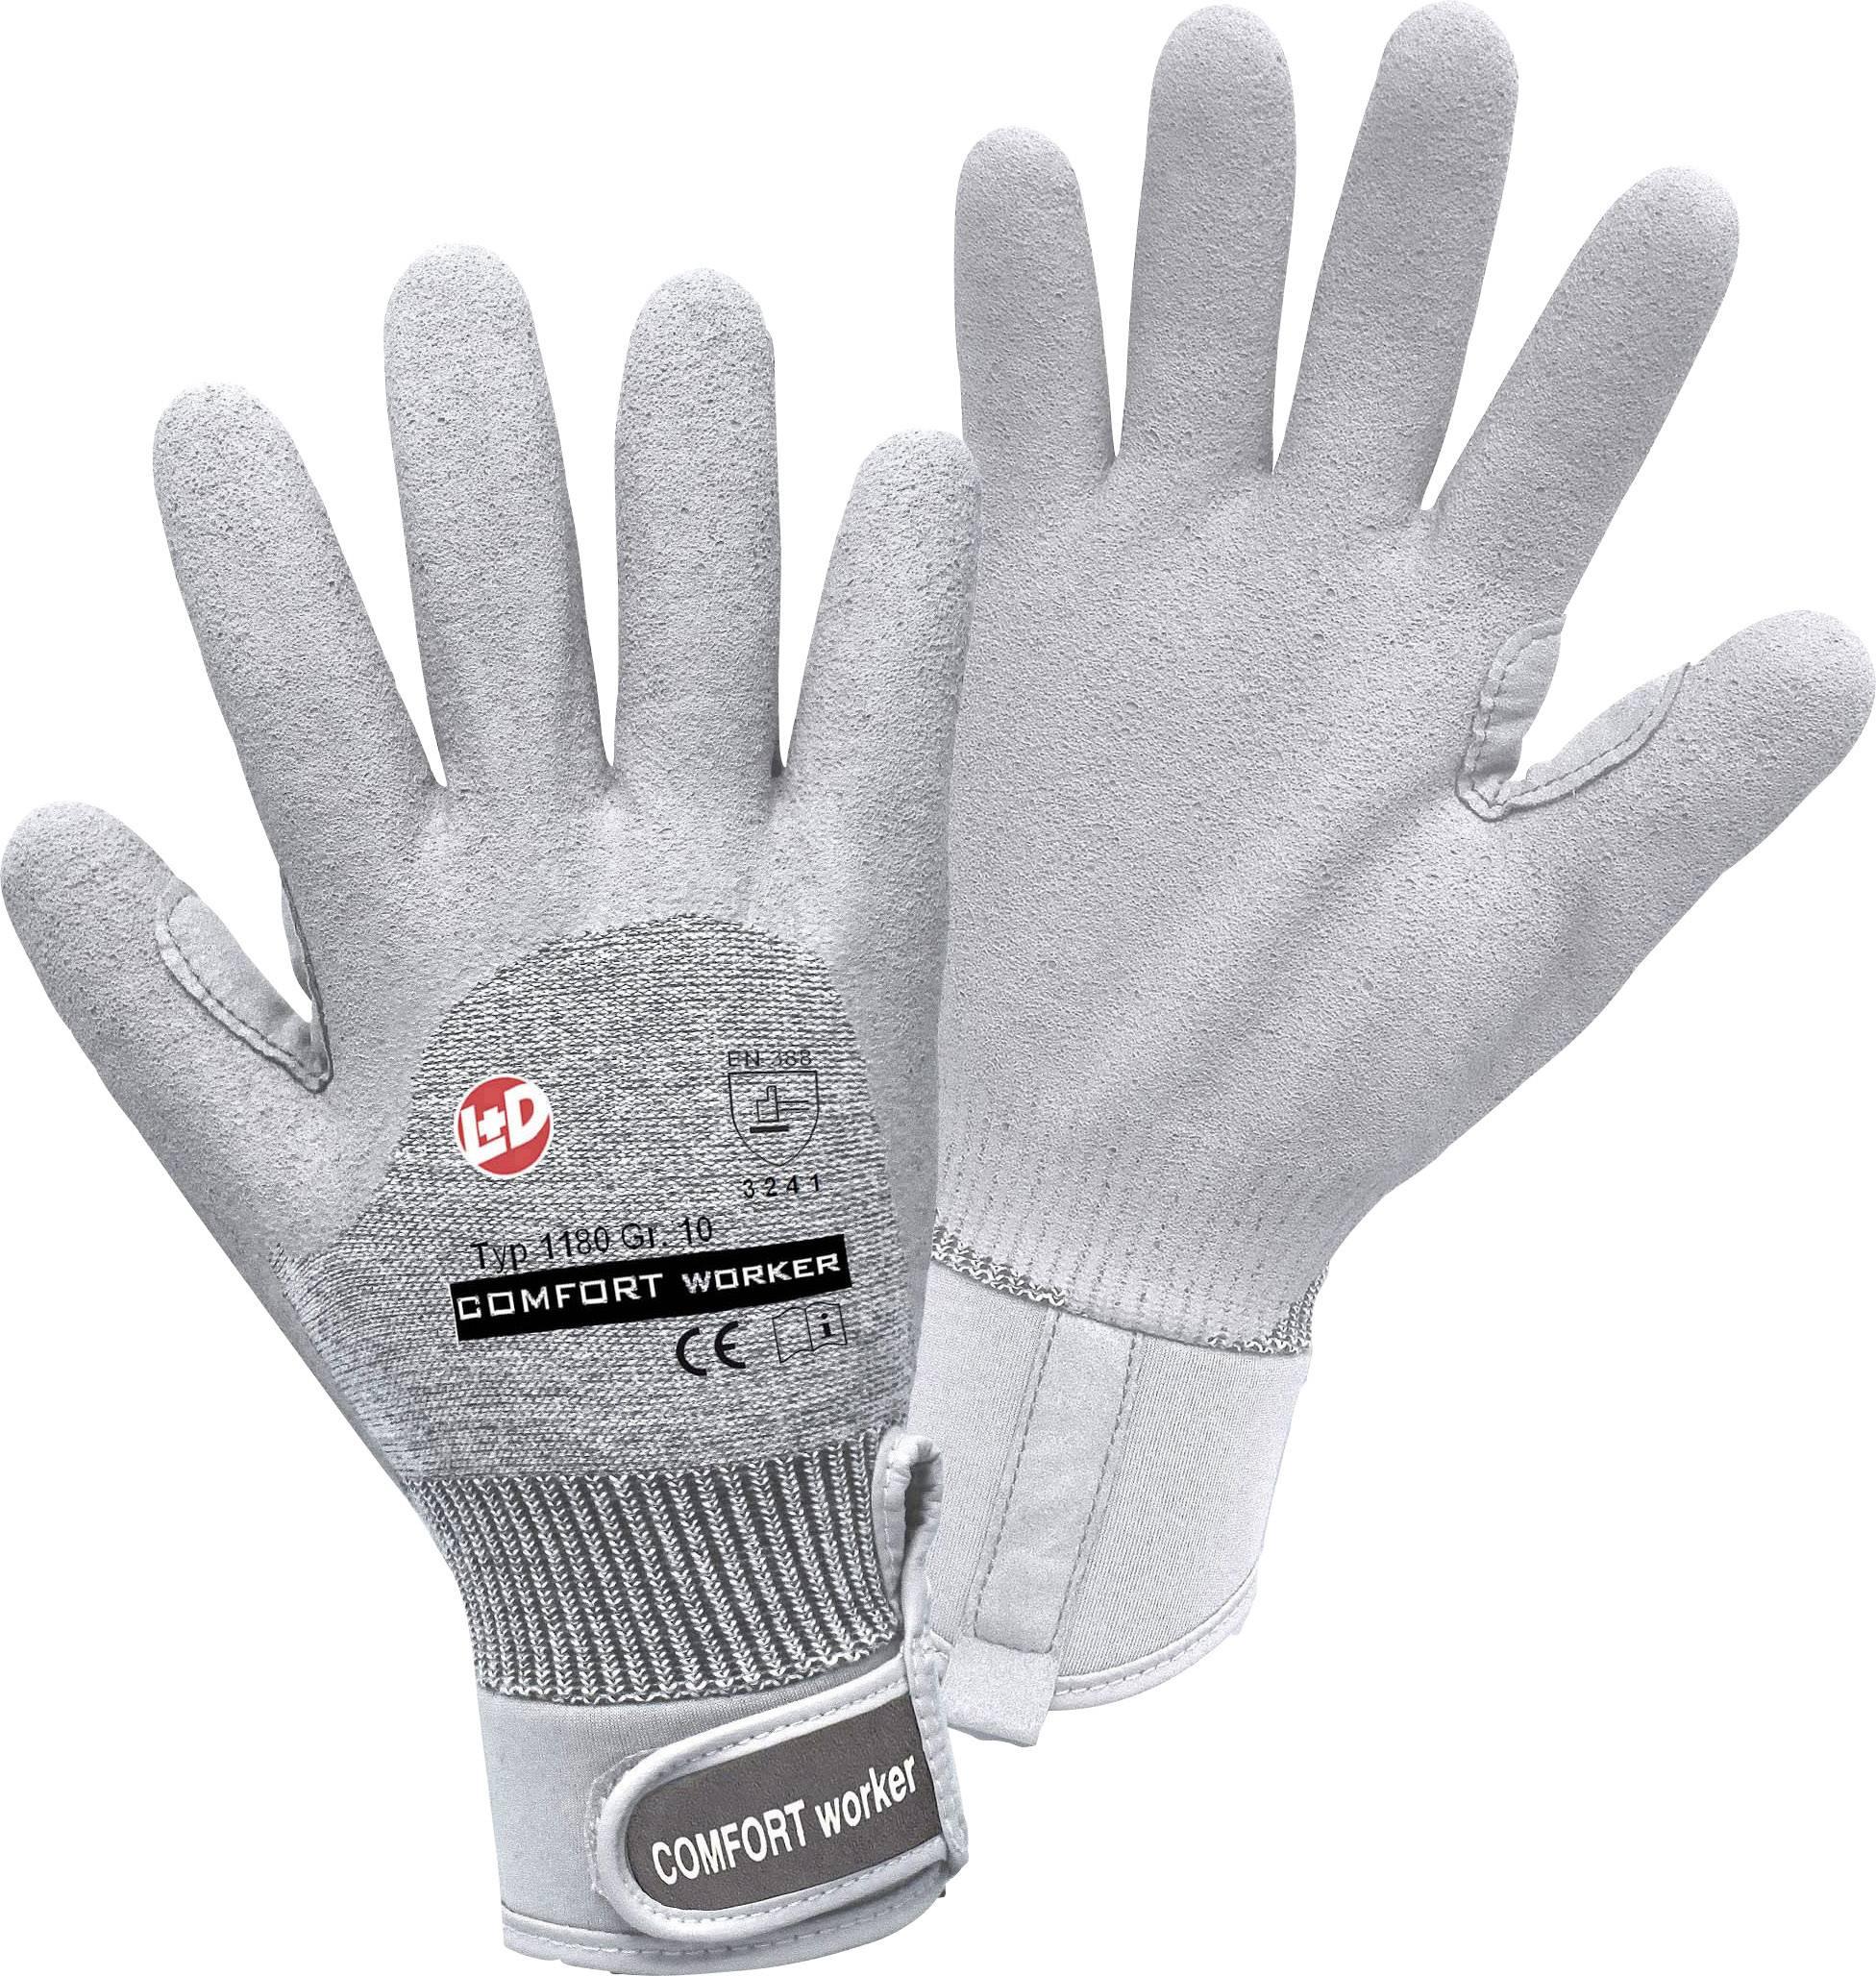 Pracovní rukavice Griffy COMFORT WORKER 1180, velikost rukavic: 10, XL